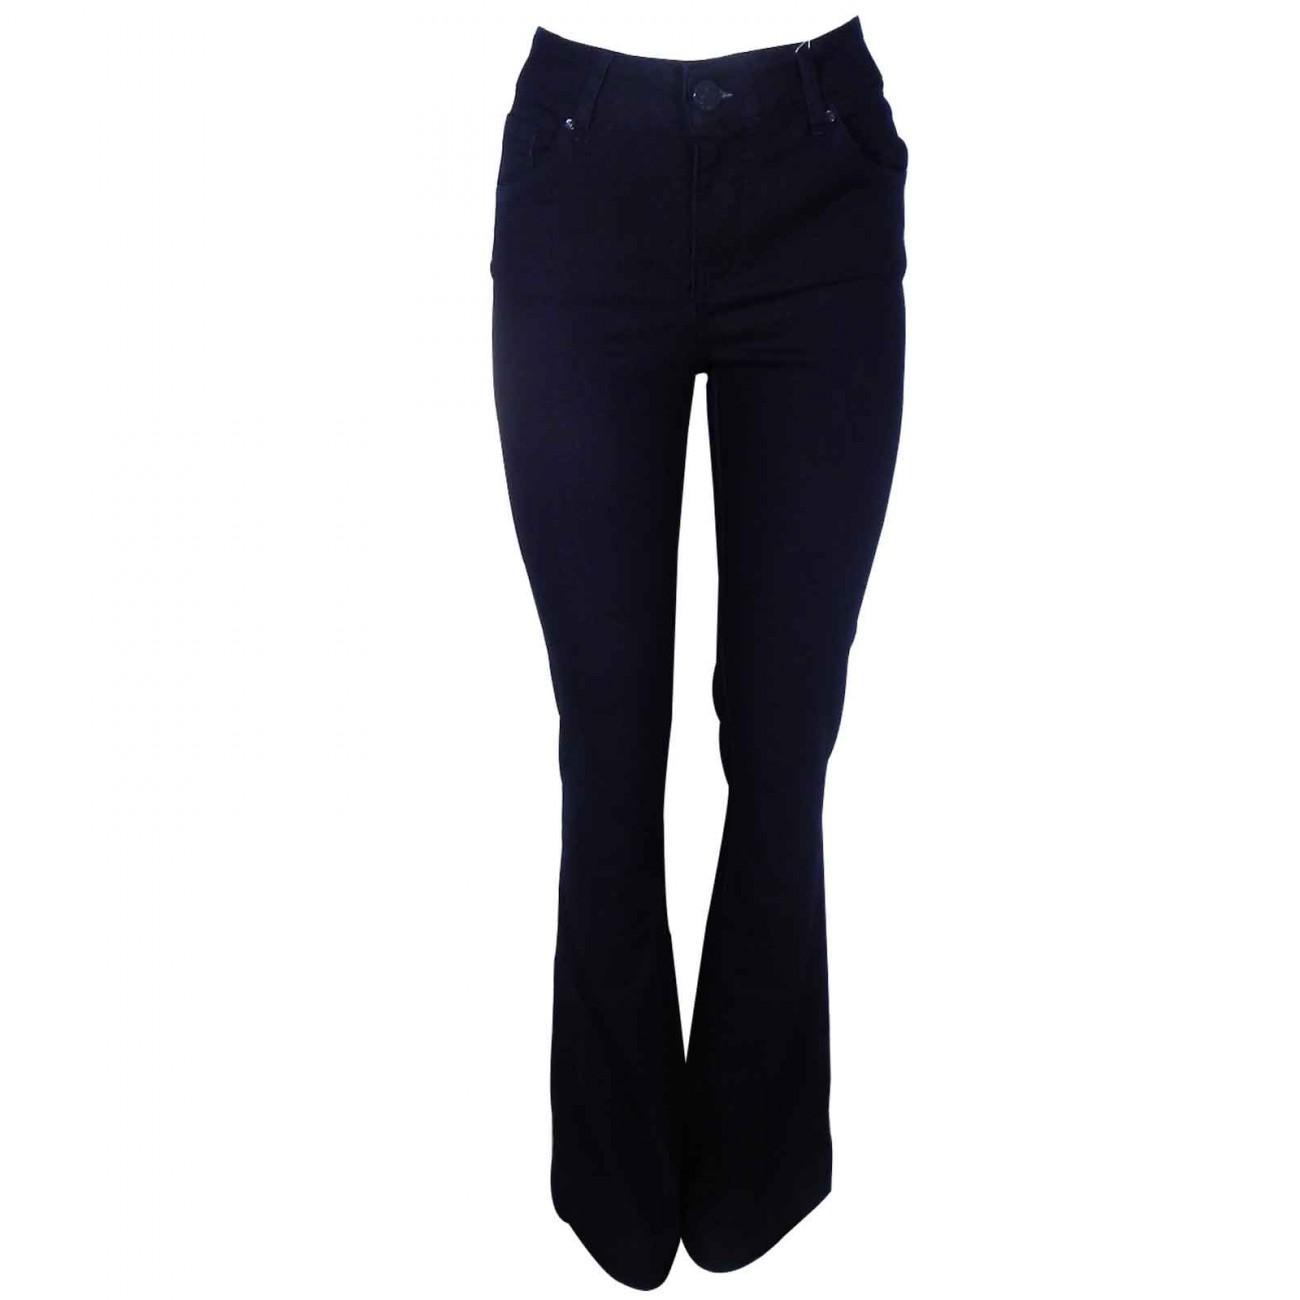 489a25c1e Calça Jeans Feminina Flare Cintura Alta Gatabakana - Pole Modas